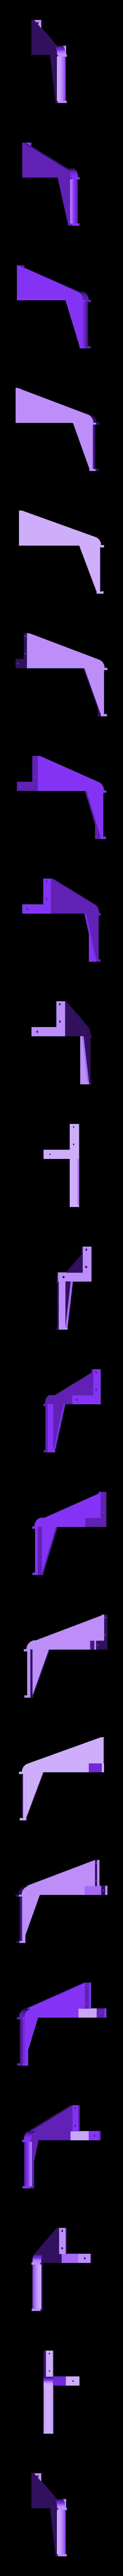 spool_holder.stl Download free STL file Spool holder • 3D print object, finhudson16